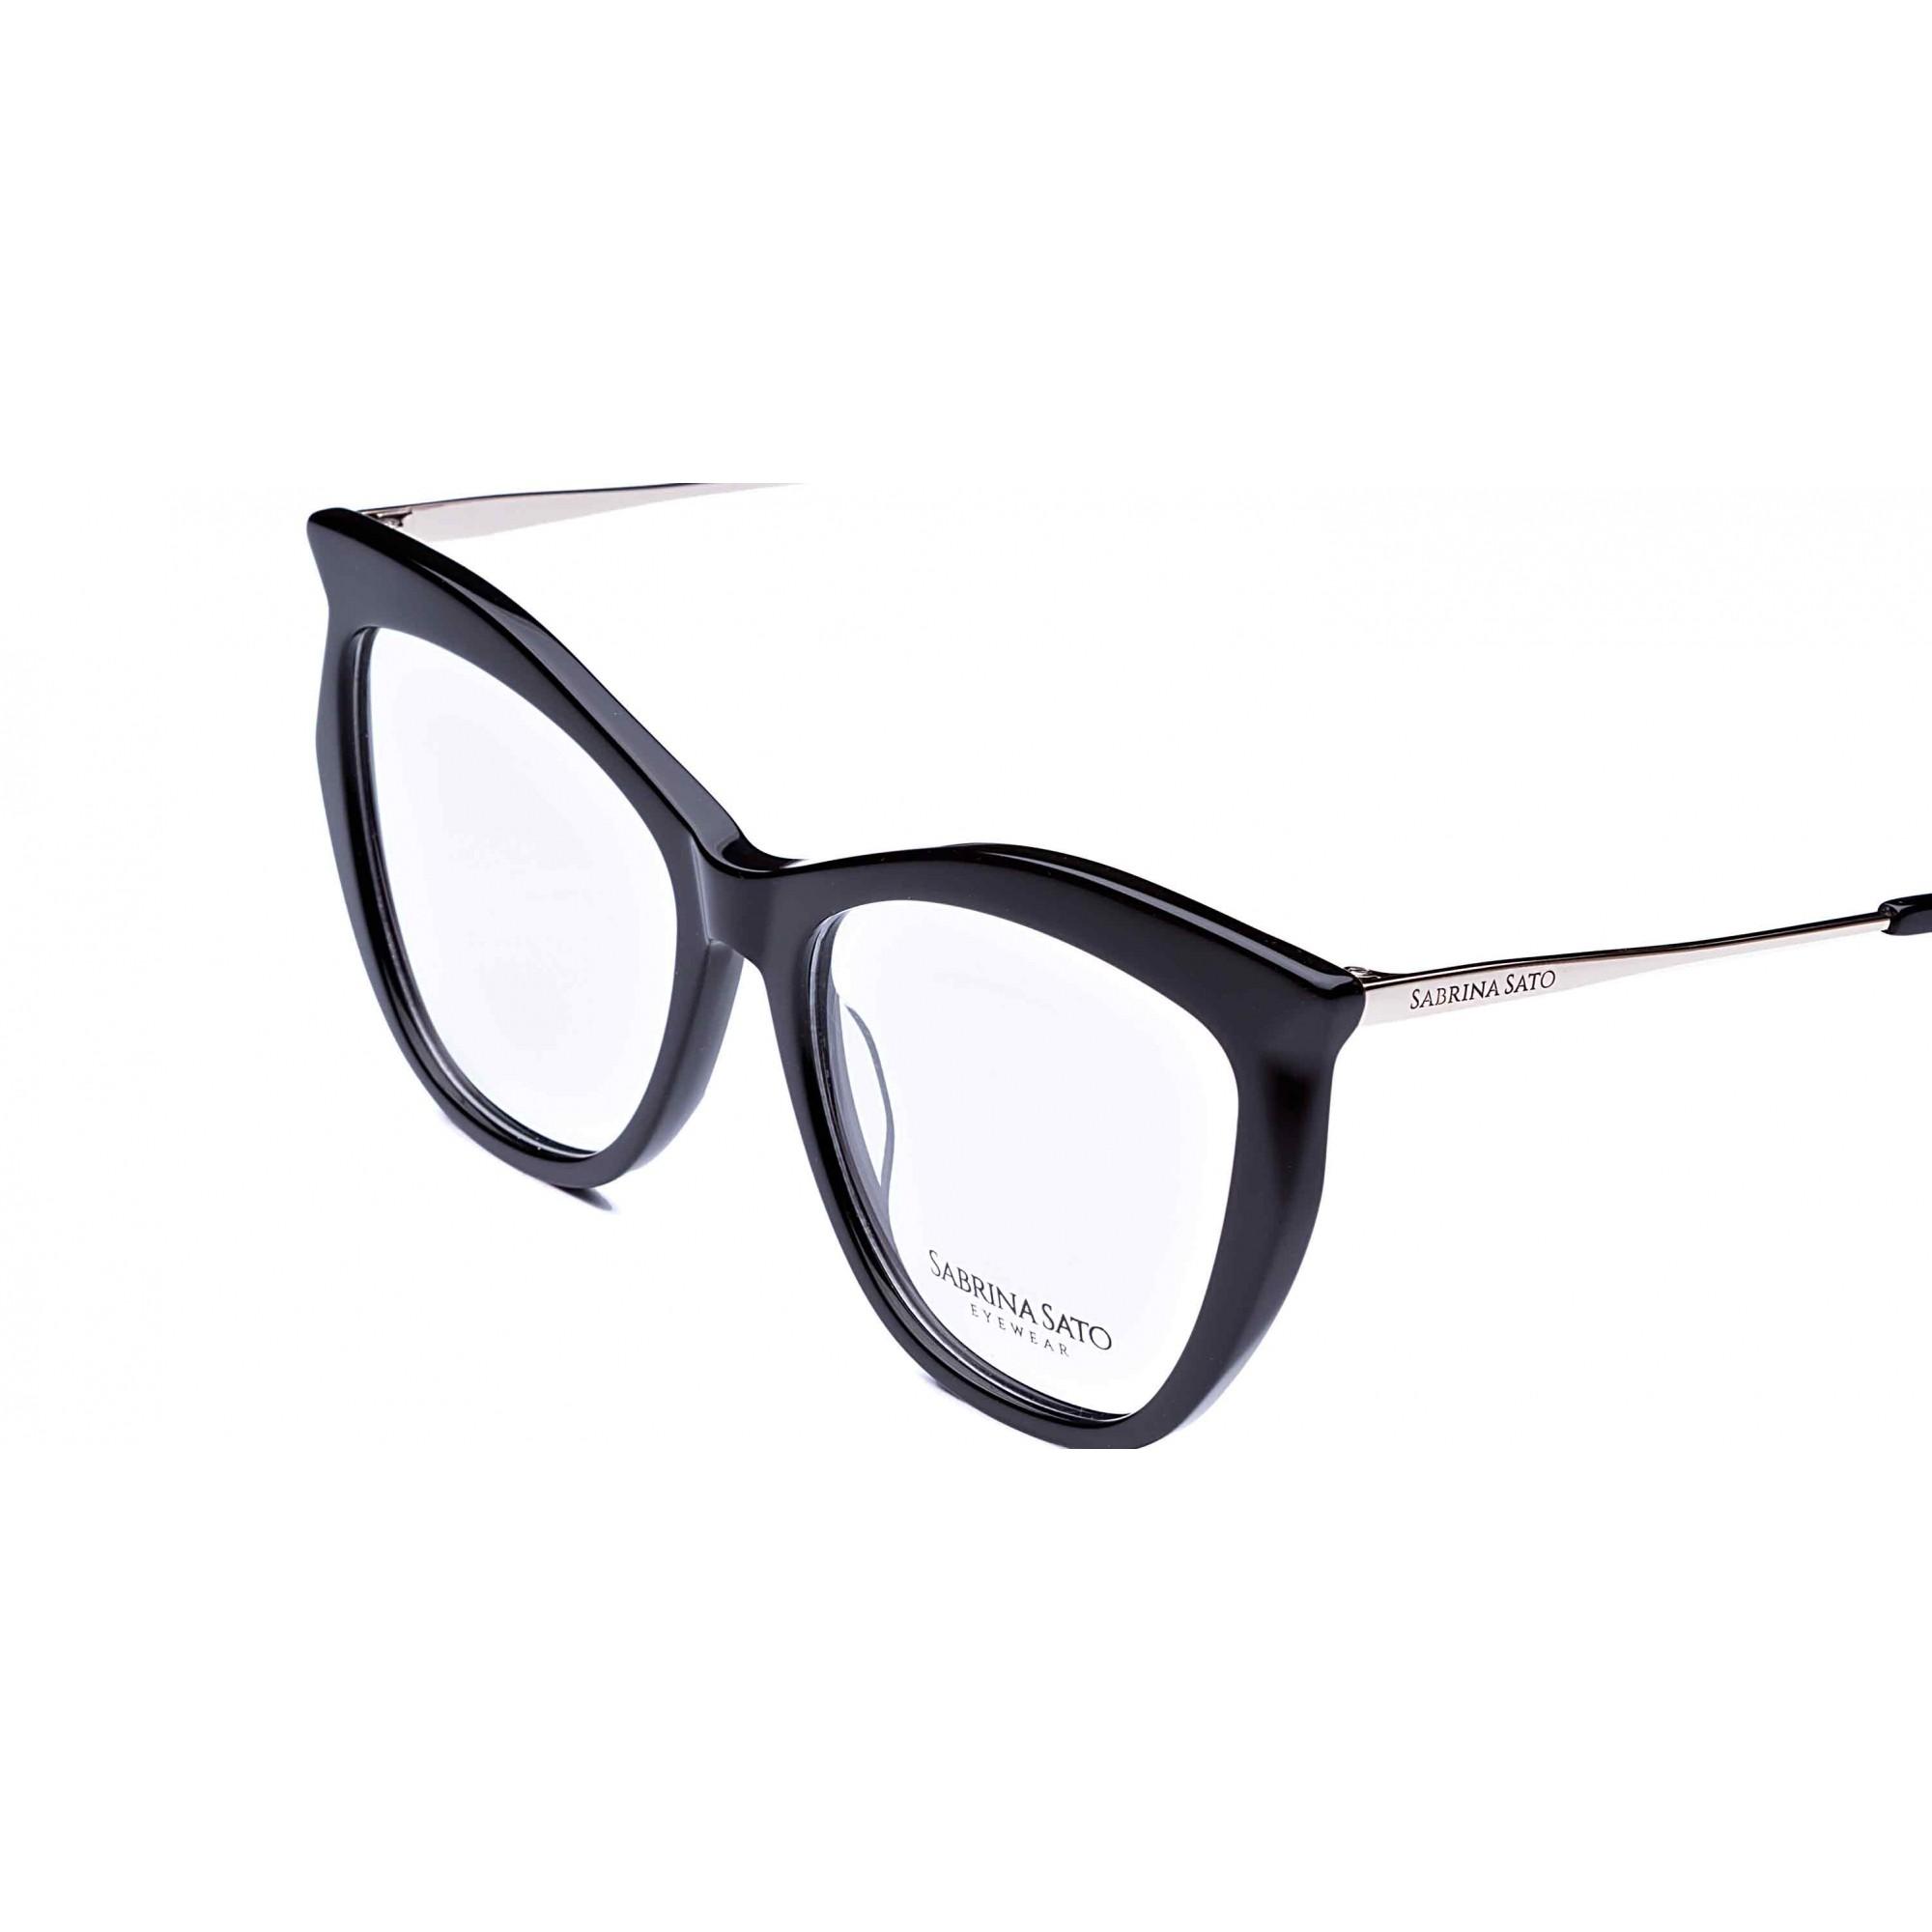 Óculos de Grau SS544 Sabrina Sato - Original